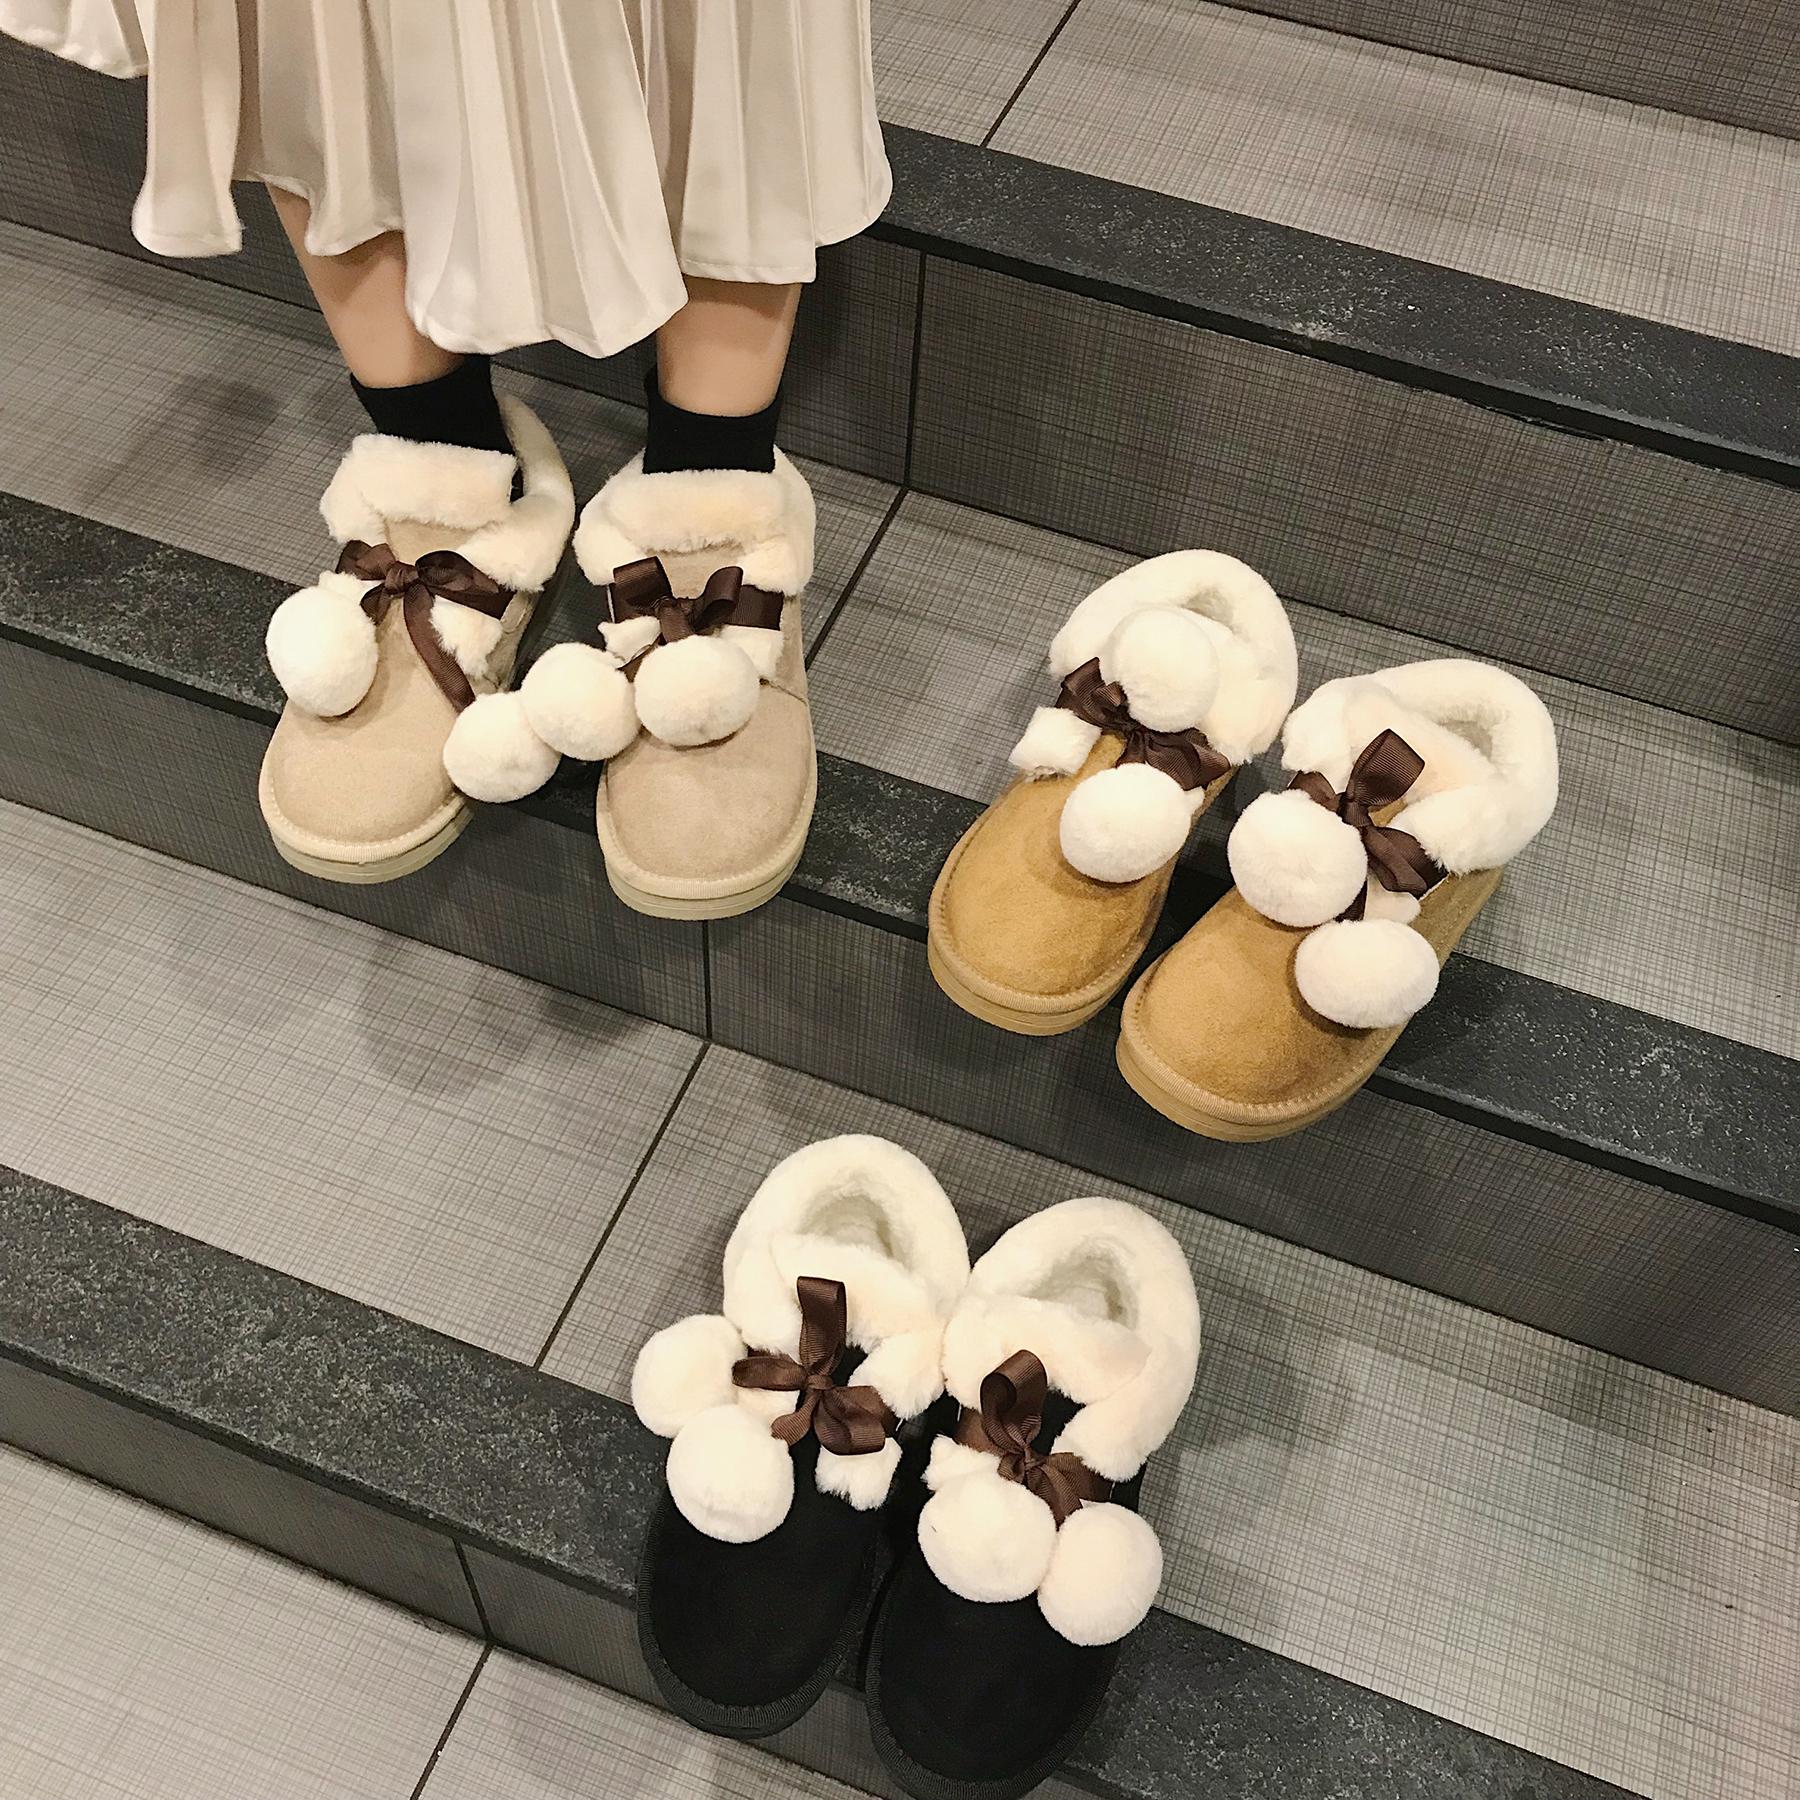 雪地靴2018新款冬季加厚保暖毛球短筒平底可爱软妹学生百搭女